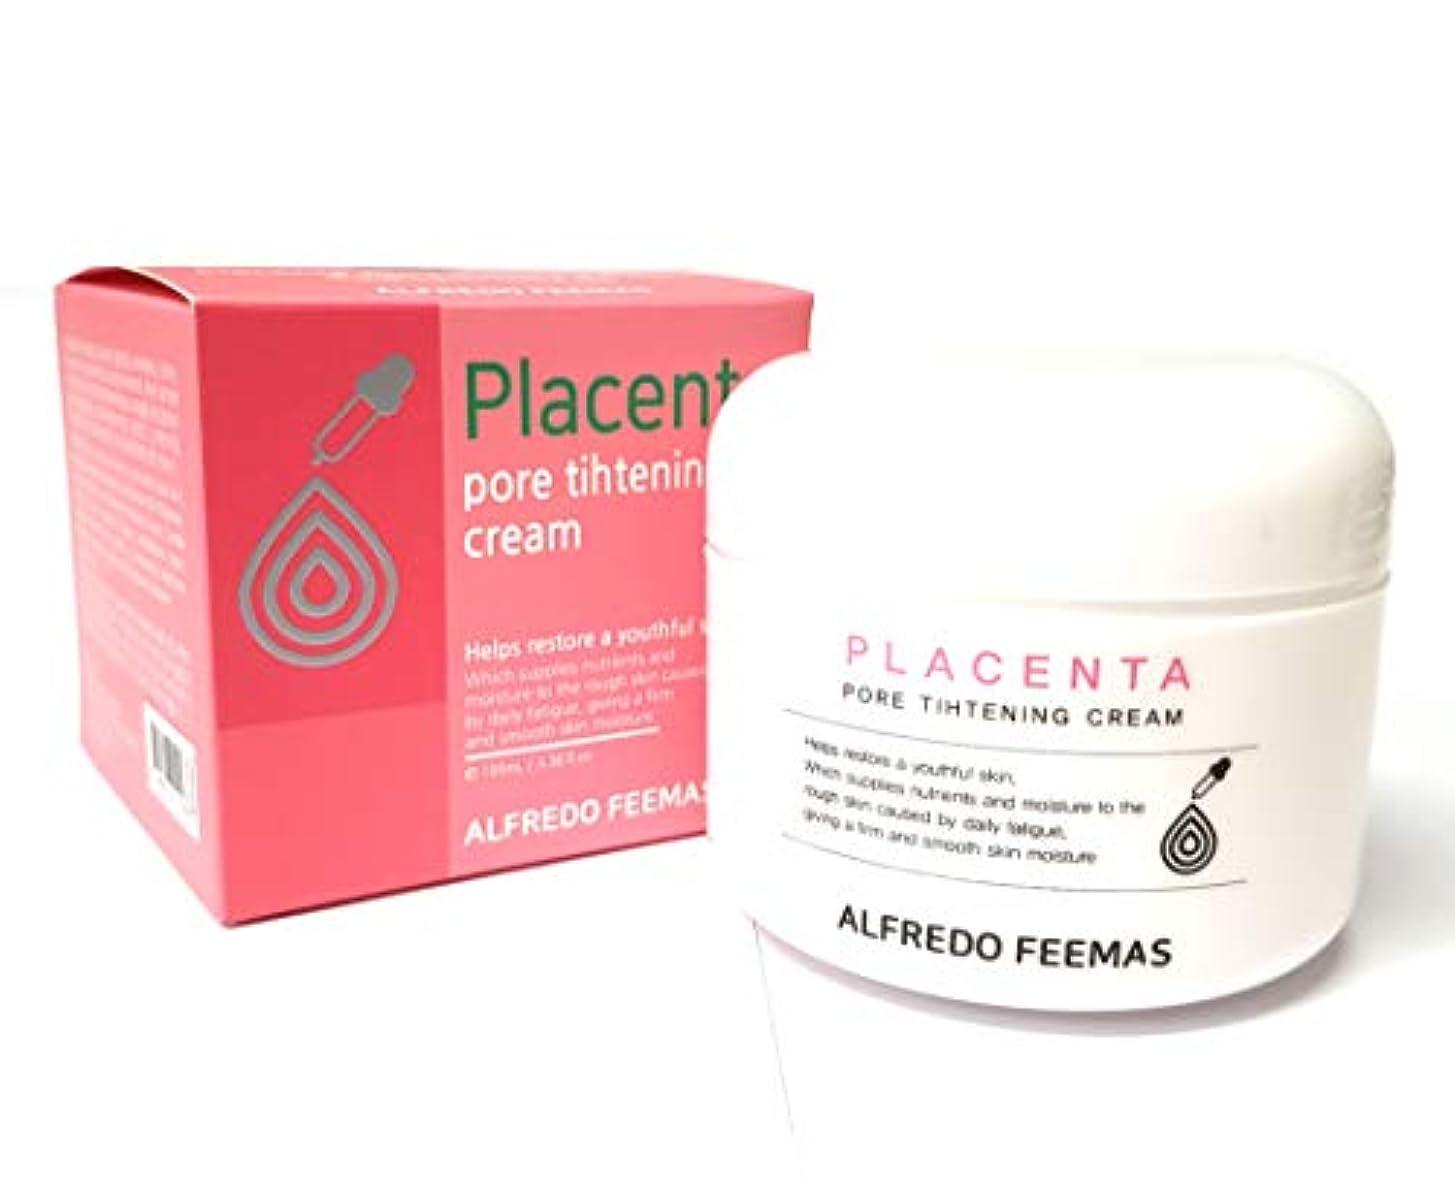 コレクションペルー認知[ALFREDO FEEMAS] ポア引き締めクリーム100ml / Pore tightening cream100ml / ポアケア、うるおい/Pore Care,moisture/韓国化粧品/Korean Cosmetics...